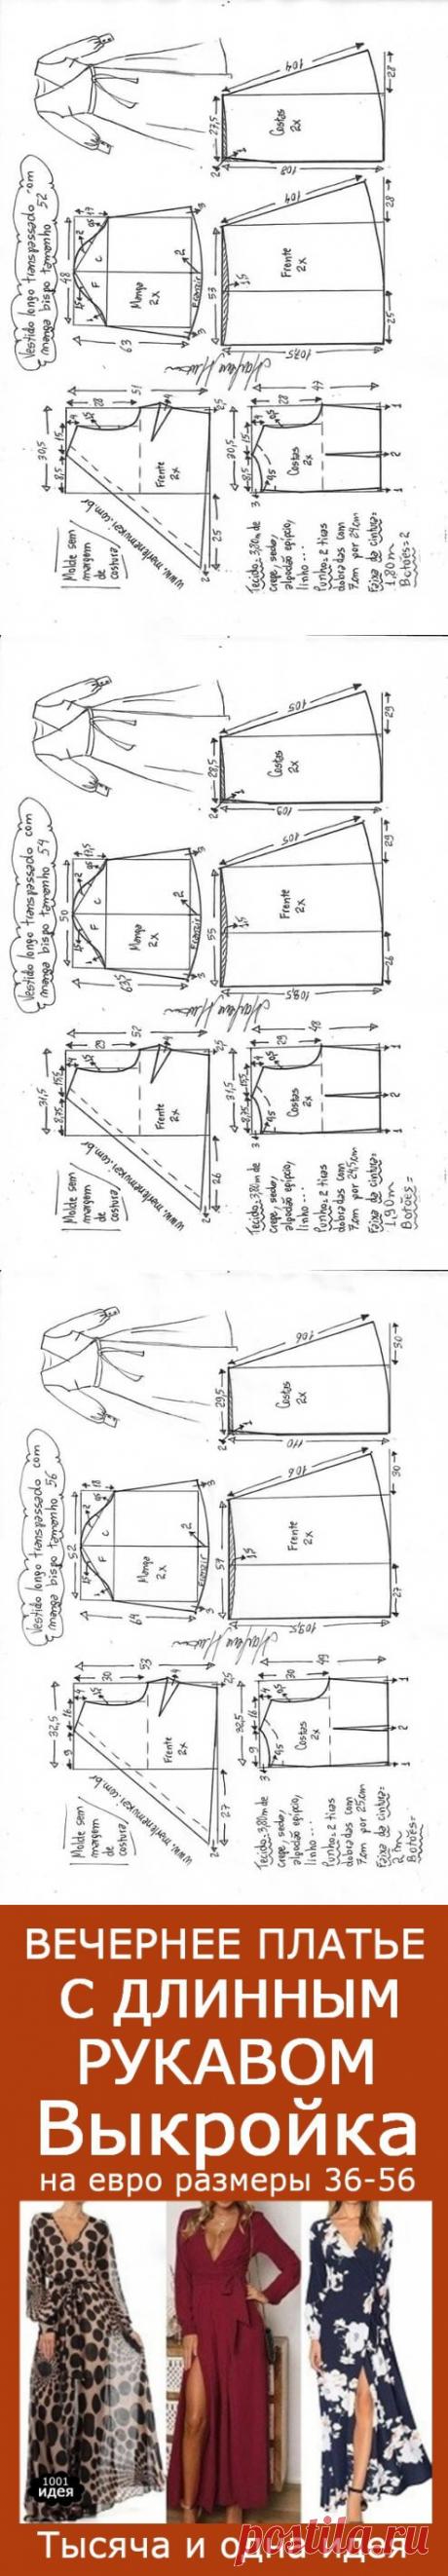 Вечернее платье с длинным рукавом. Выкройка на евро размеры 36-56   Тысяча и одна идея